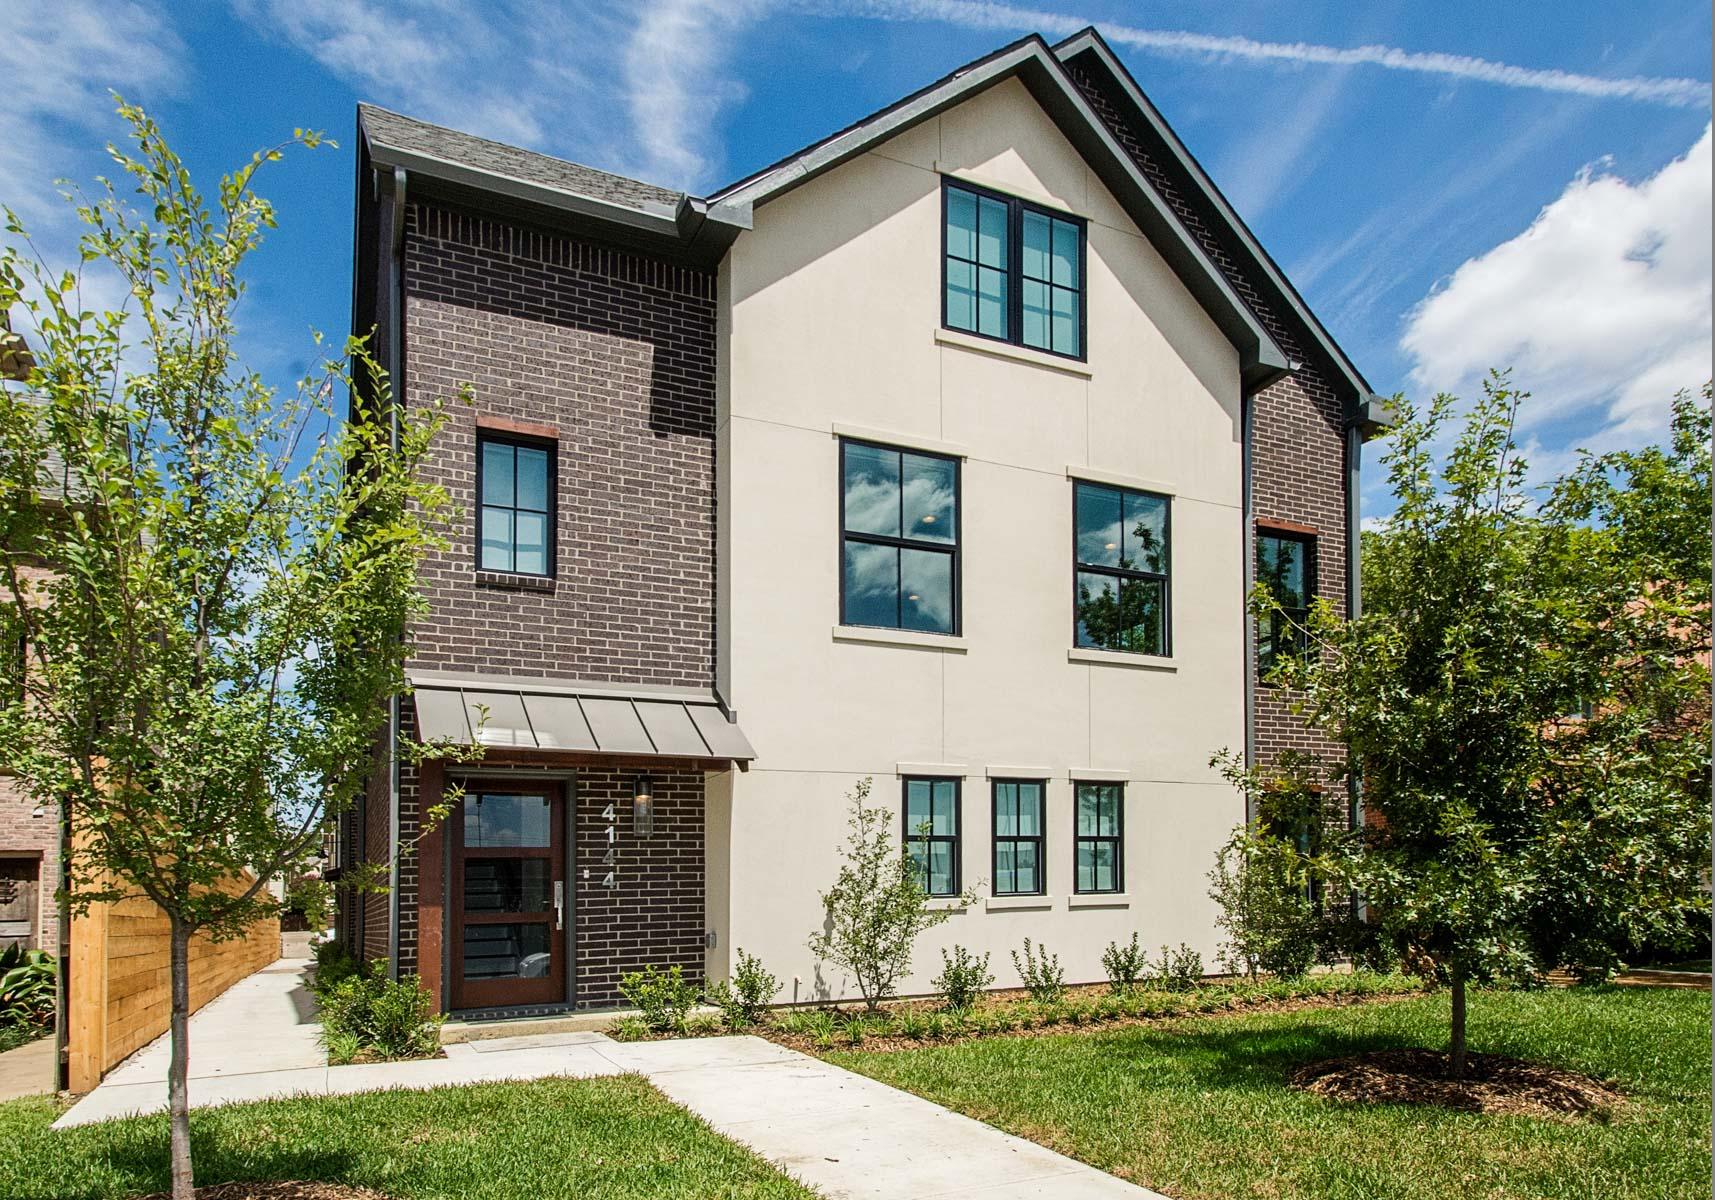 Casa para uma família para Venda às Contemporary University Park Townhomes 4144 Druid Ln 2 Dallas, Texas, 75205 Estados Unidos